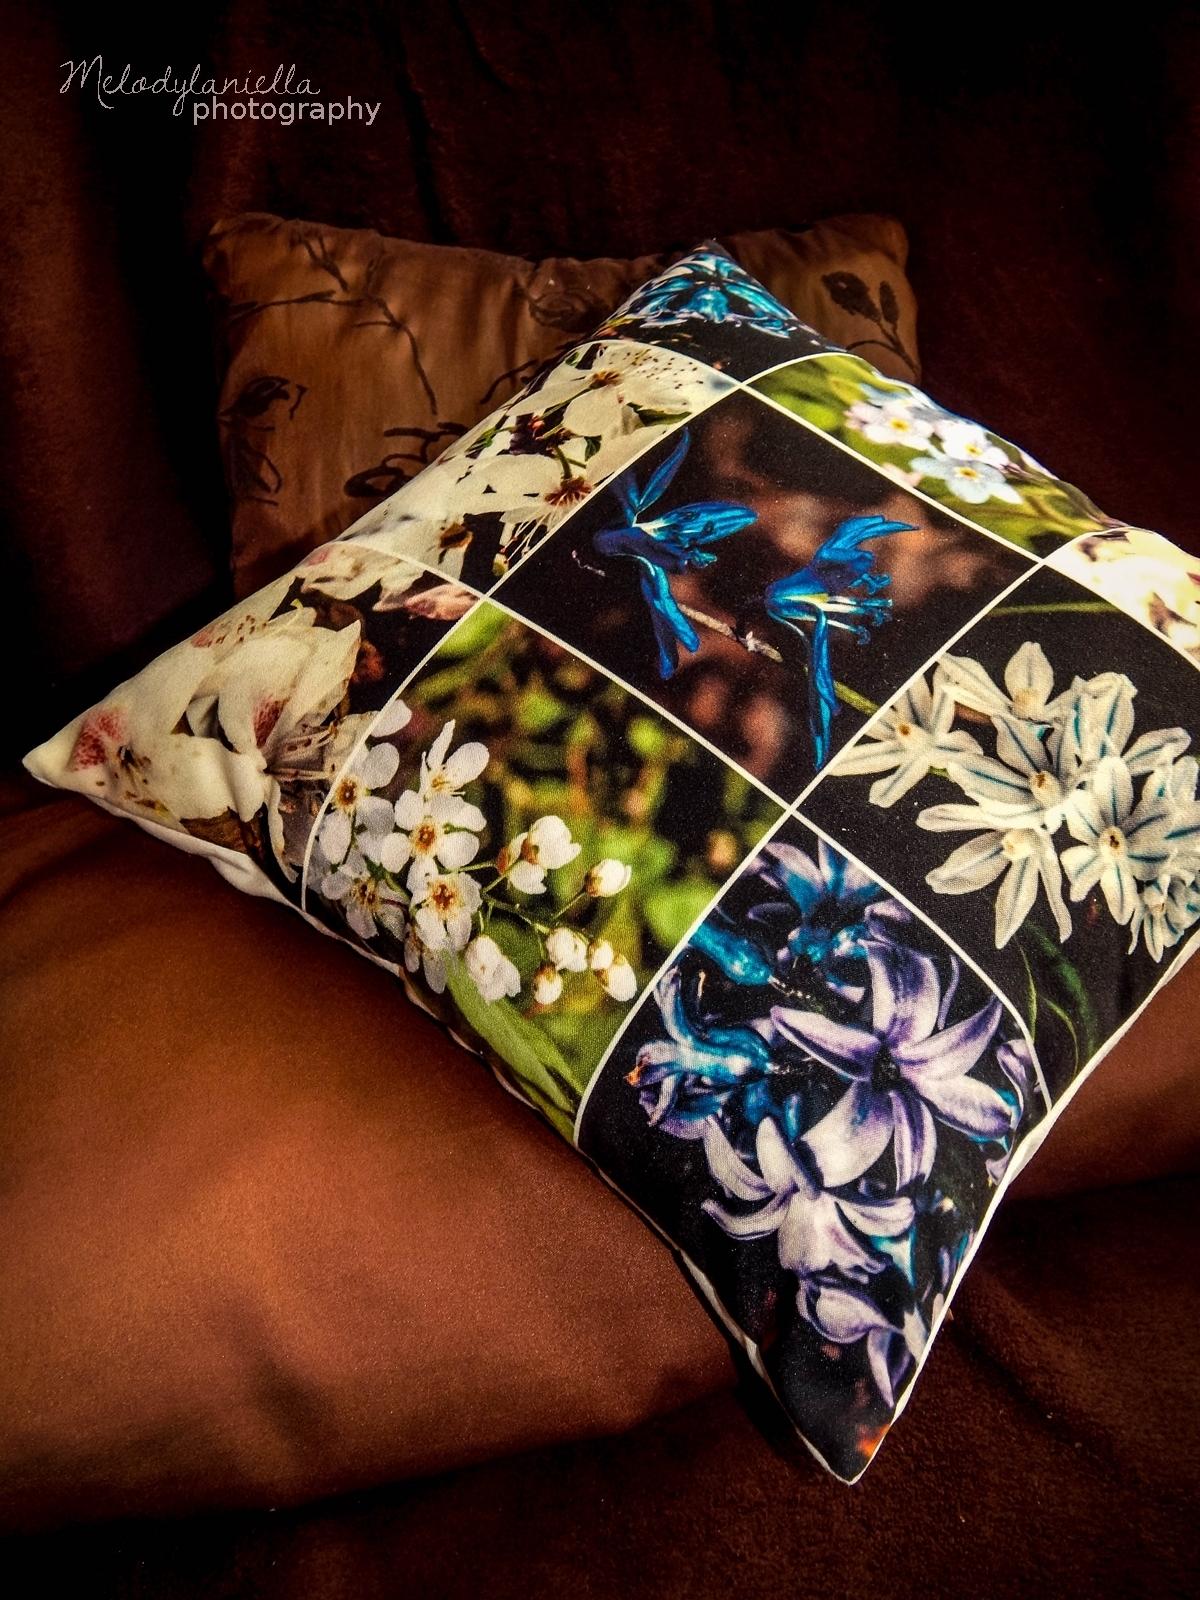 projektogram poduszka z własnym zdjęciem zaprojektuj swoją poduszkę zdjęcia instagram fotografia prezenty dla fotografów zakochani w zdjeciach wspomnienia z wakacji na poduszcze pillow photos aplikacja wzory